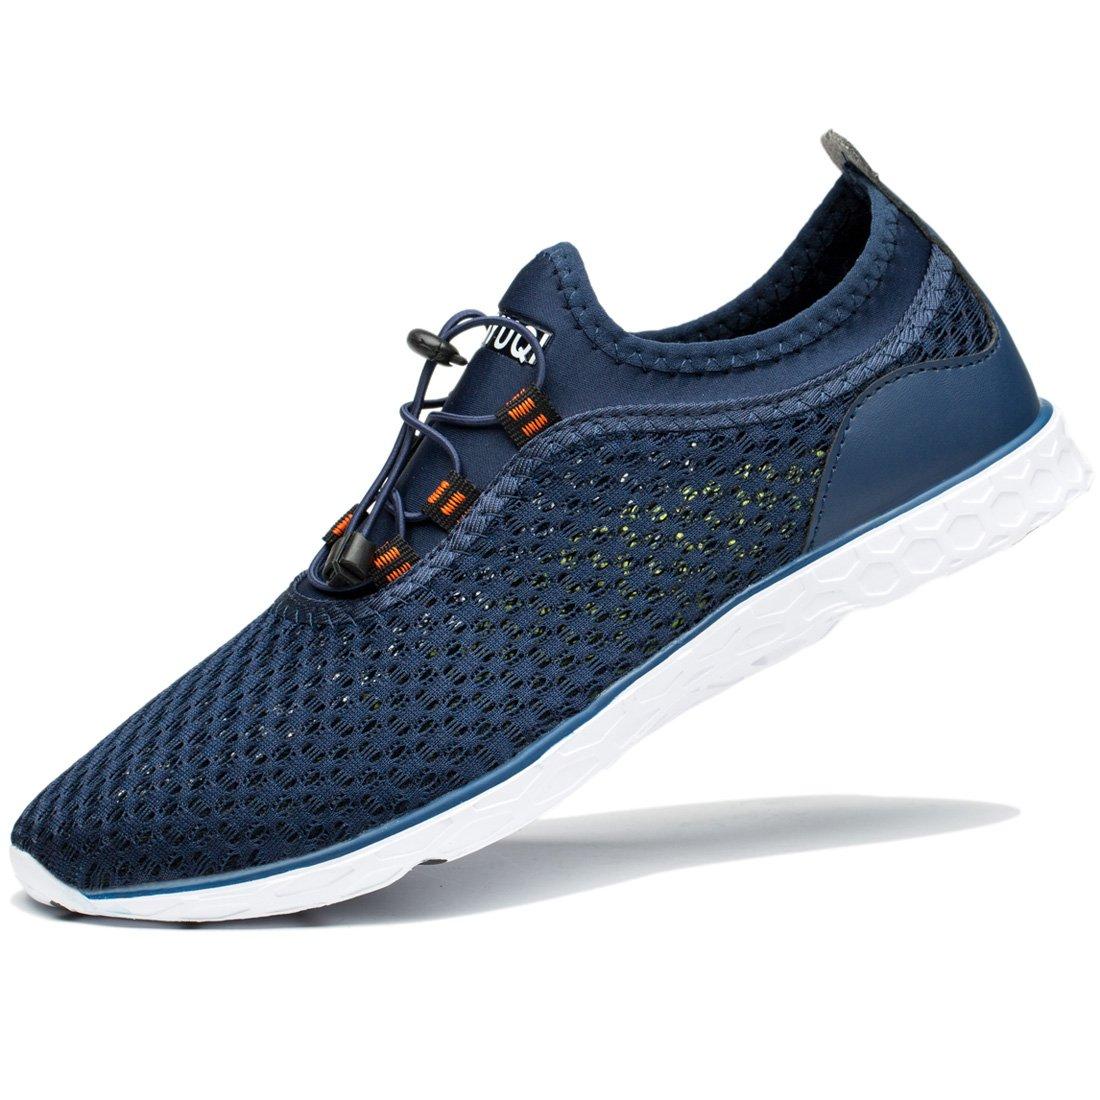 TIANYUQI Men's Mesh Slip On Water Shoes by TIANYUQI (Image #8)